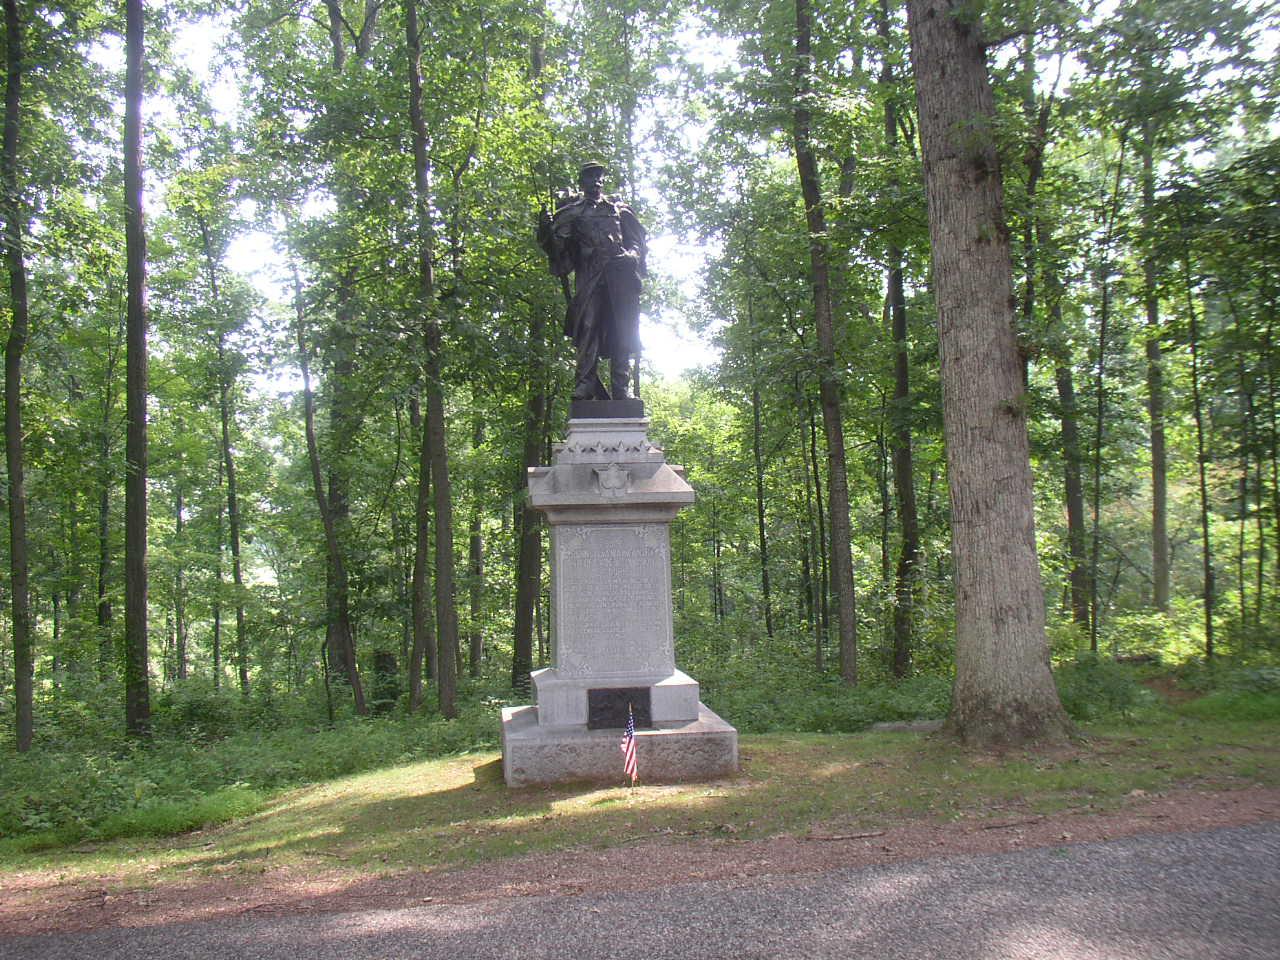 53rd Regmt. Monument - Gettysburg